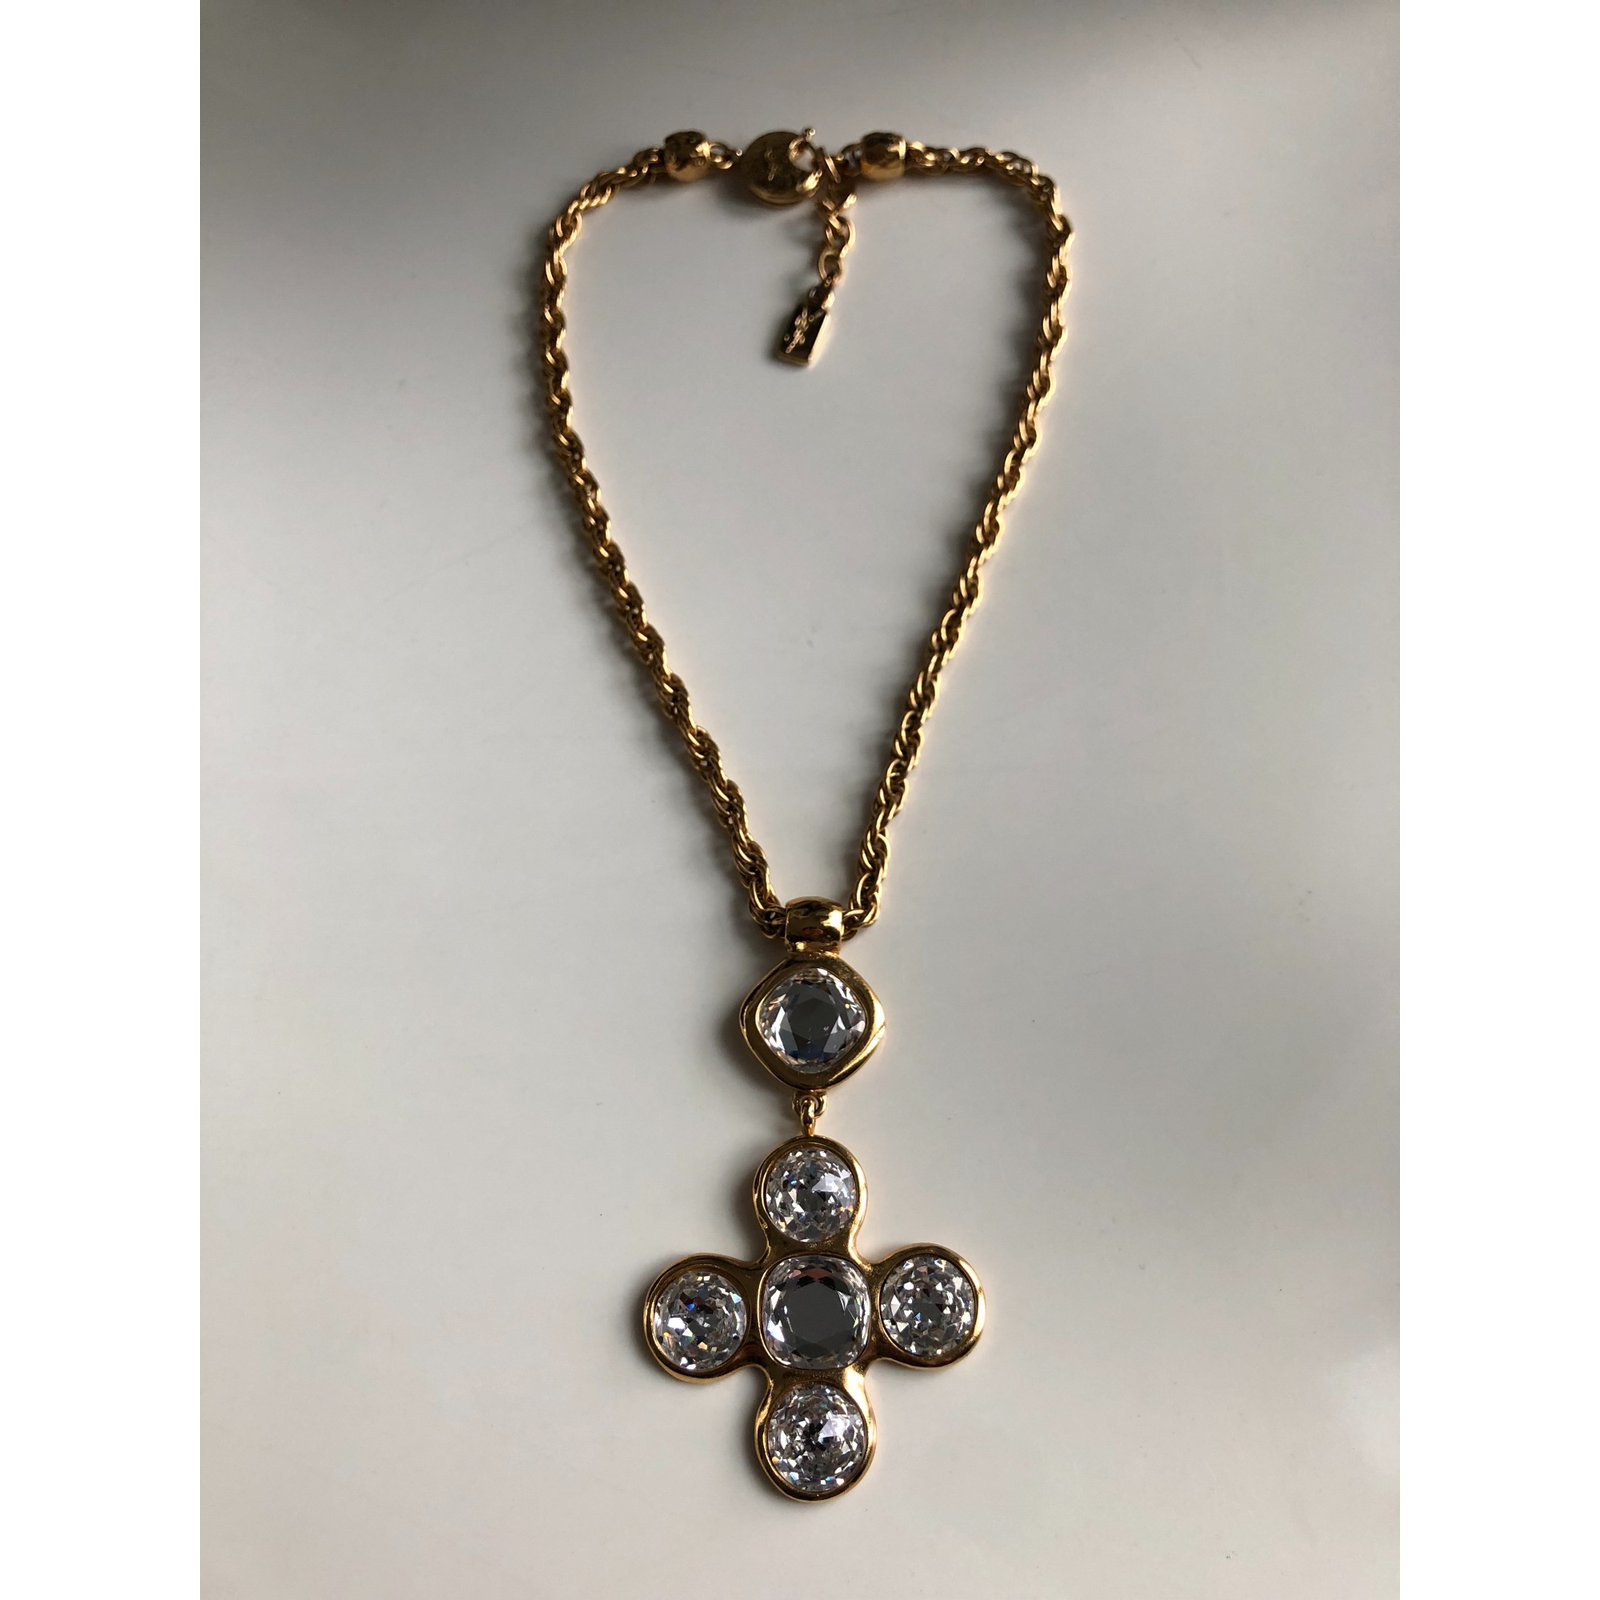 fecbcb5e0af Yves Saint Laurent Collier Gripoix YSL Necklaces Metal Golden ref ...